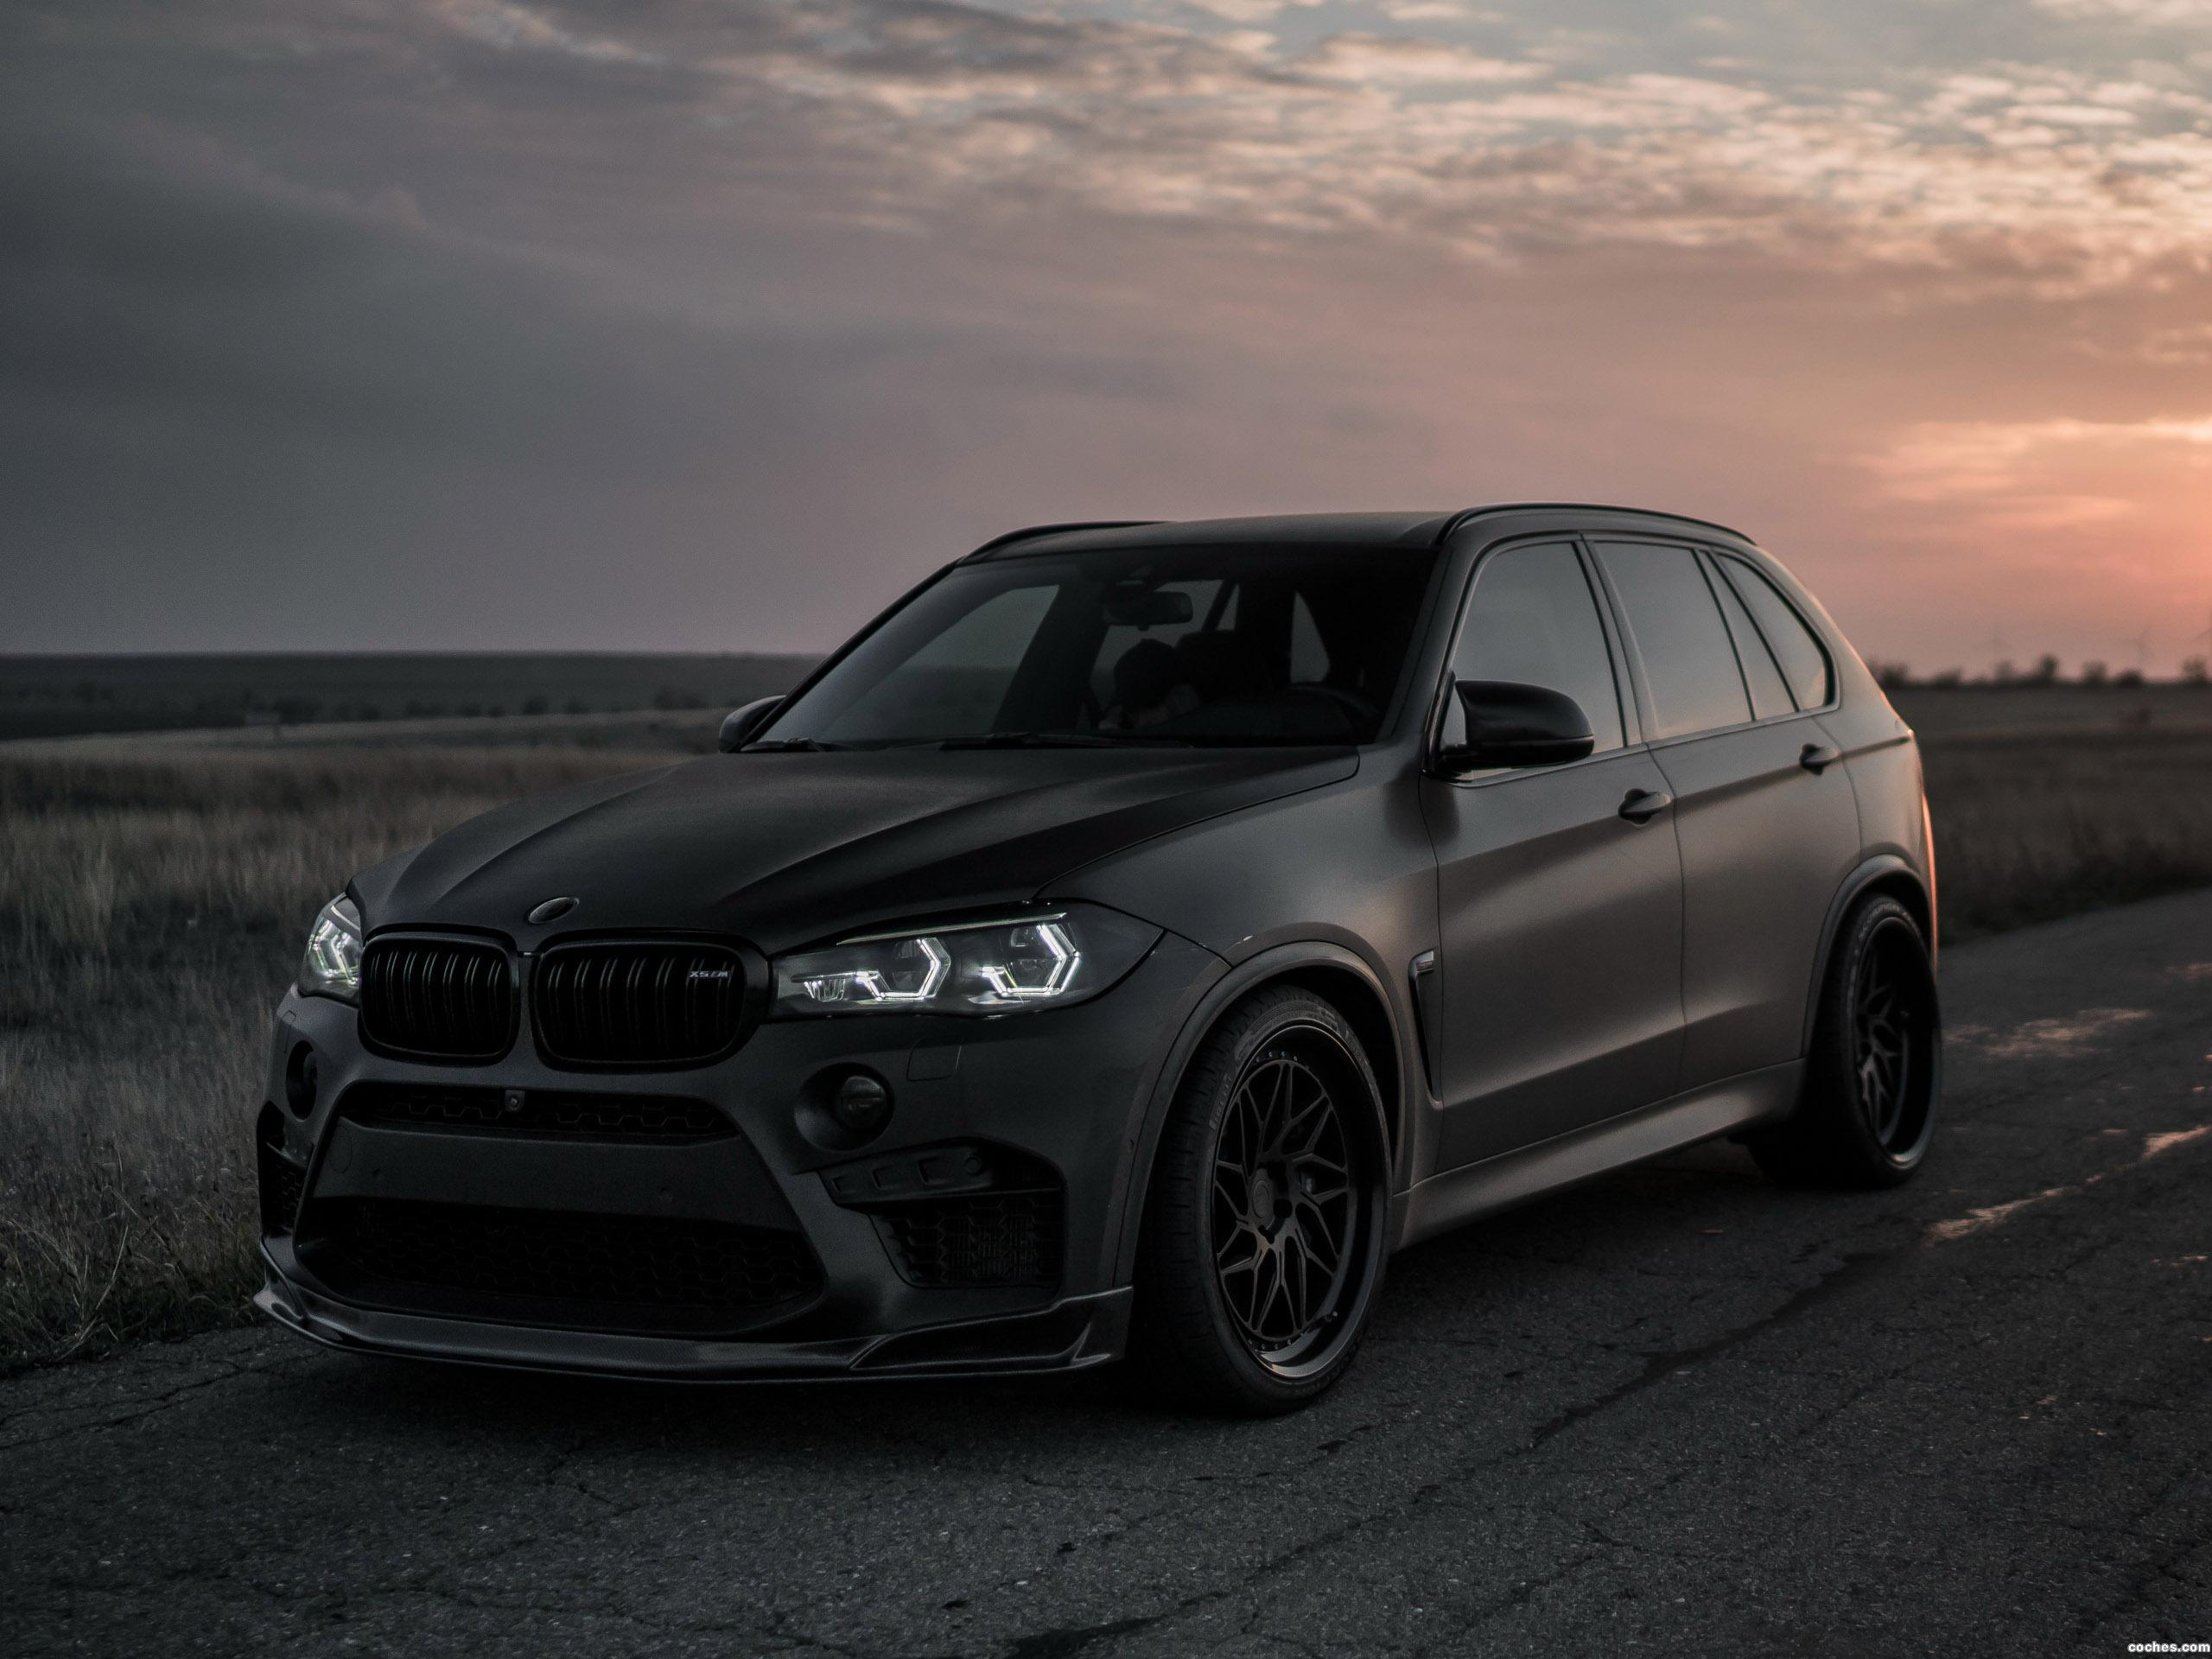 Foto 4 de BMW X5 M Z Performance F85 2018